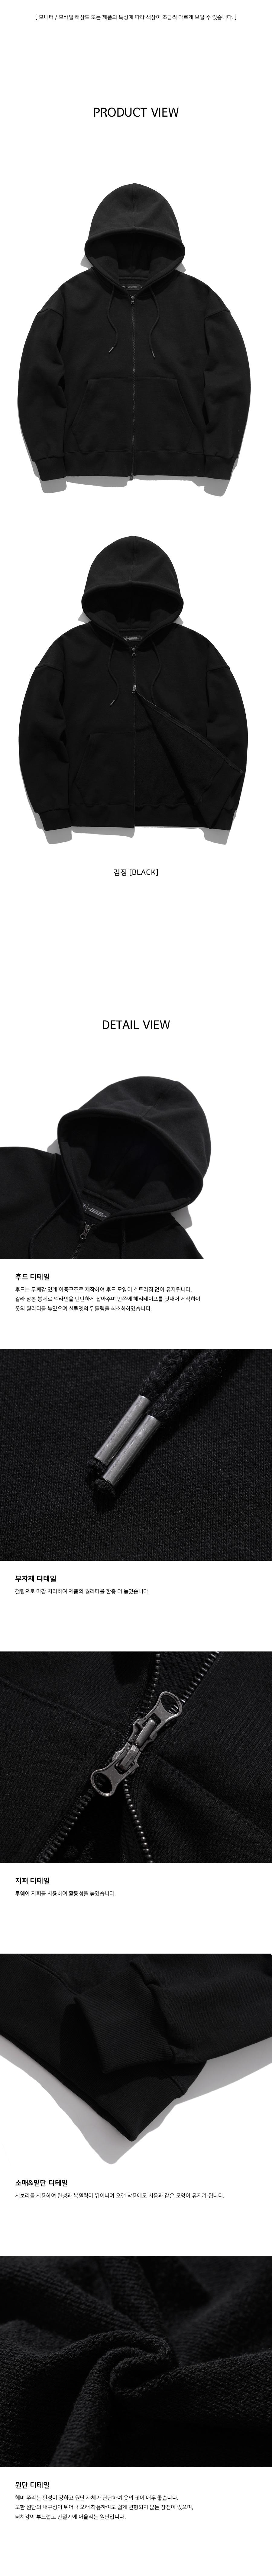 4414_detail_black_bj.jpg